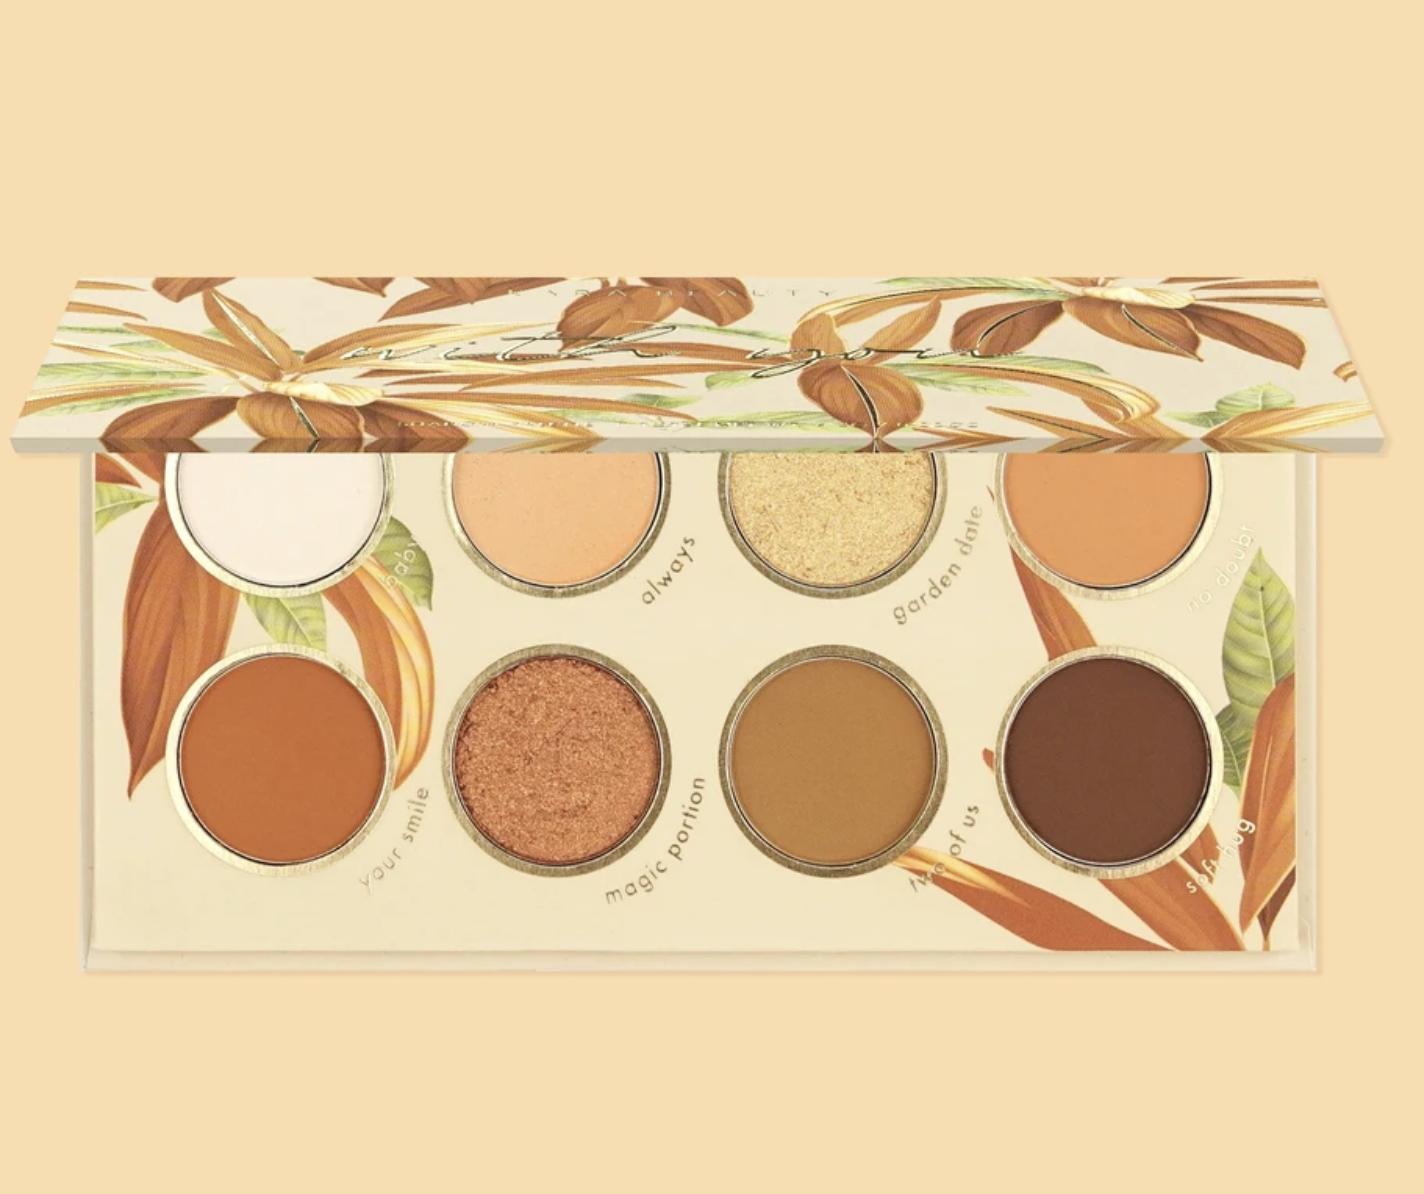 Kara Beauty With You Shadow Palette